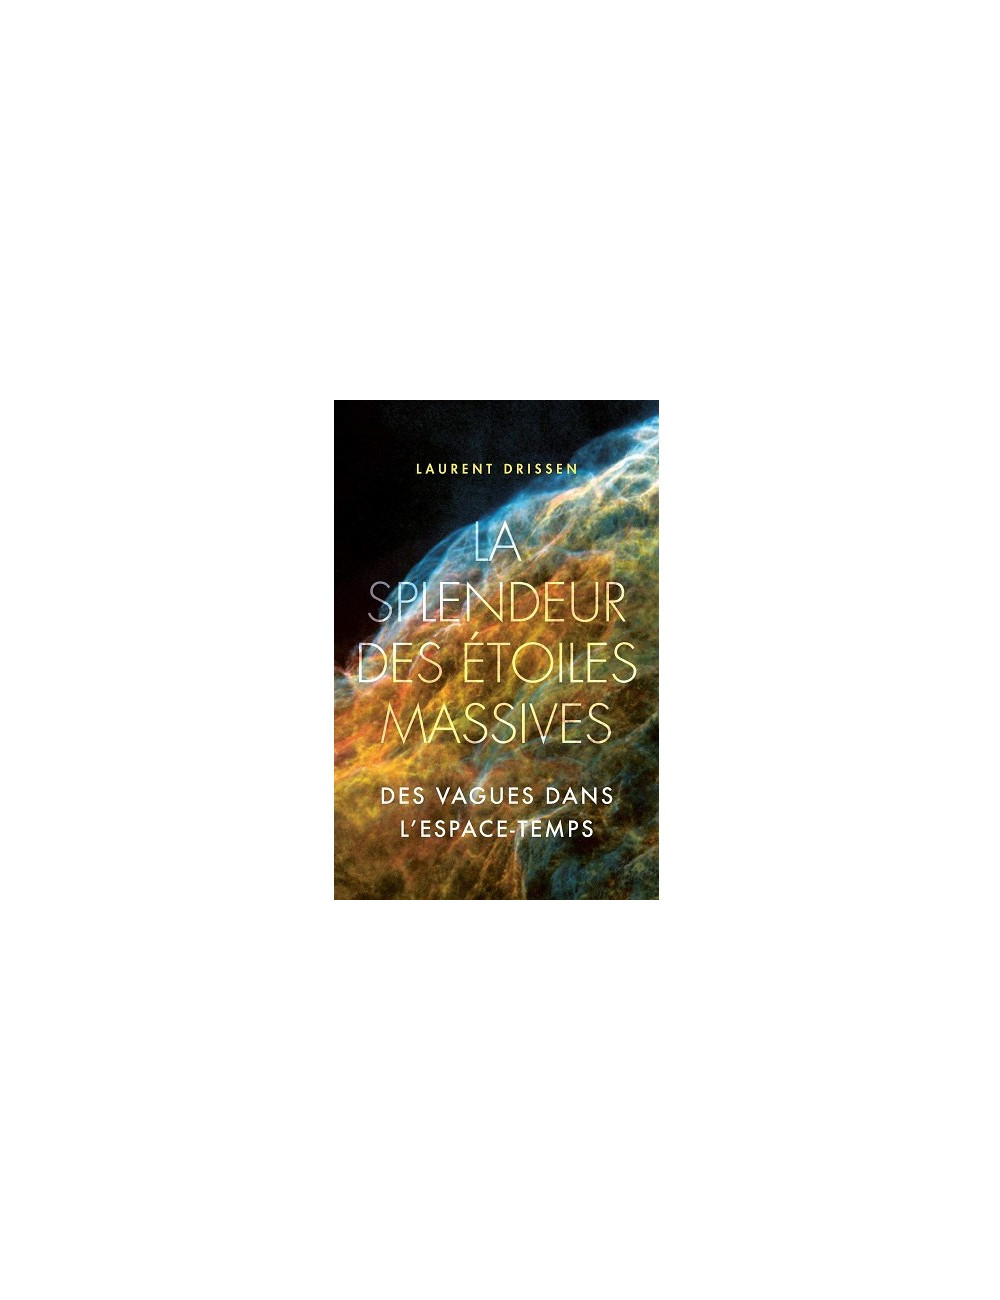 La splendeur des étoiles massives: Des vagues dans l'espace-temps